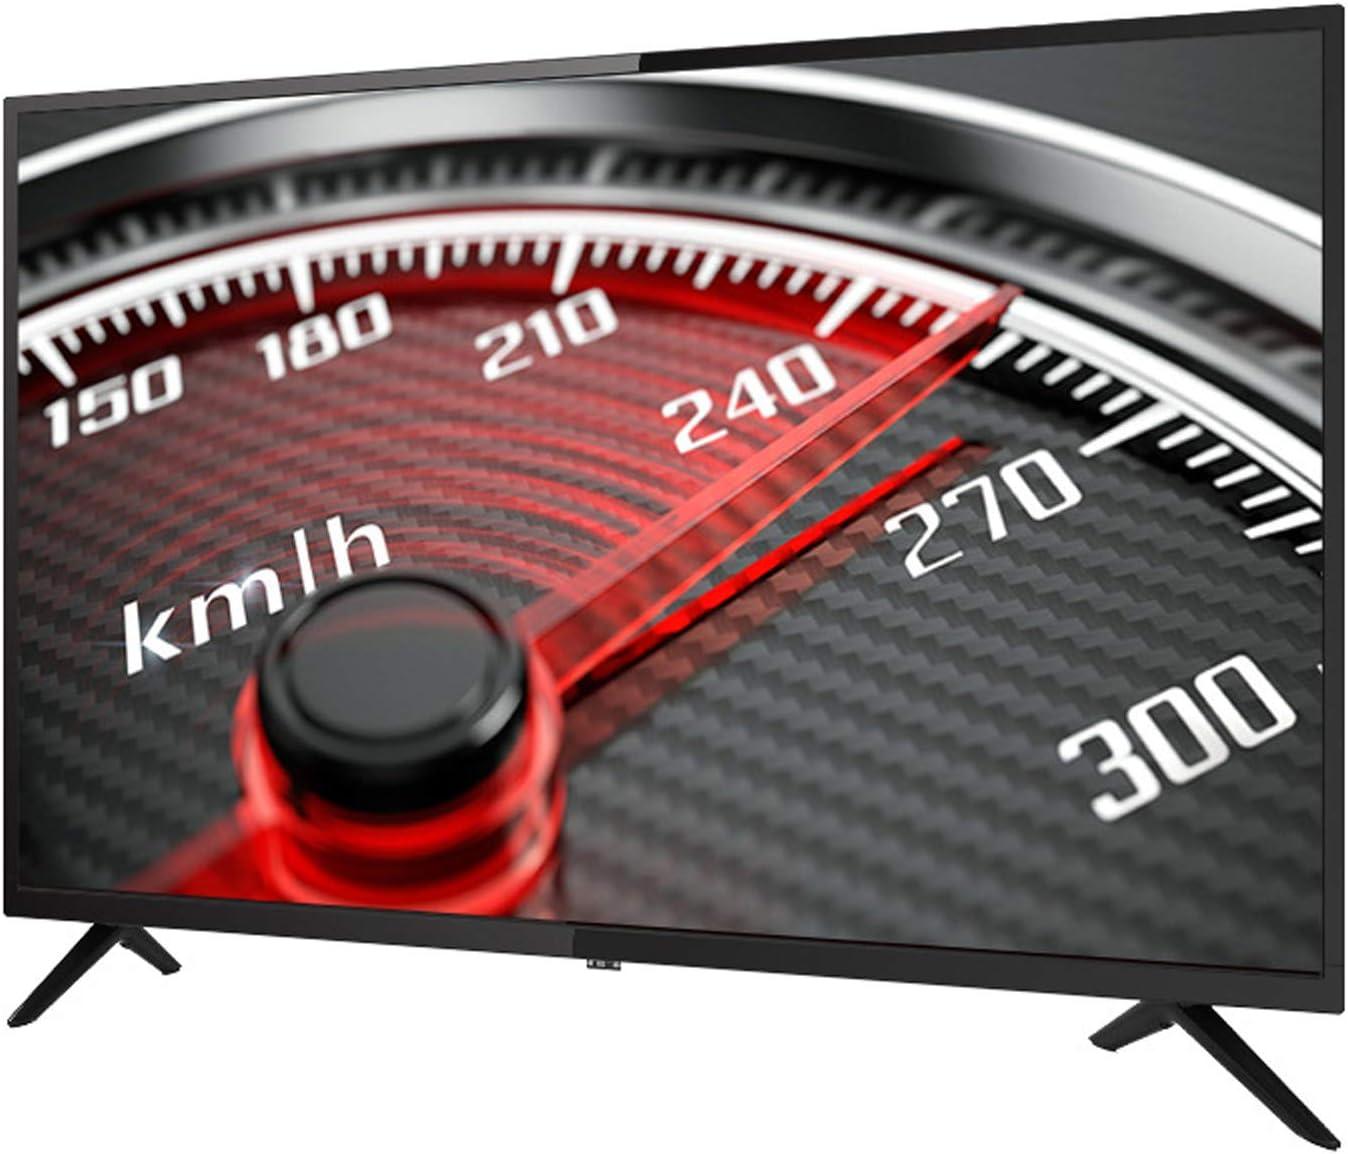 YILANJUN Televisor HD LCD de 55 o 60 Pulgadas, Recursos Masivos e Interfaces Ricas, Smart UHD TV 4K [WiFi + Sonido Envolvente + Multifunción + Configuración Alta] (Pantalla